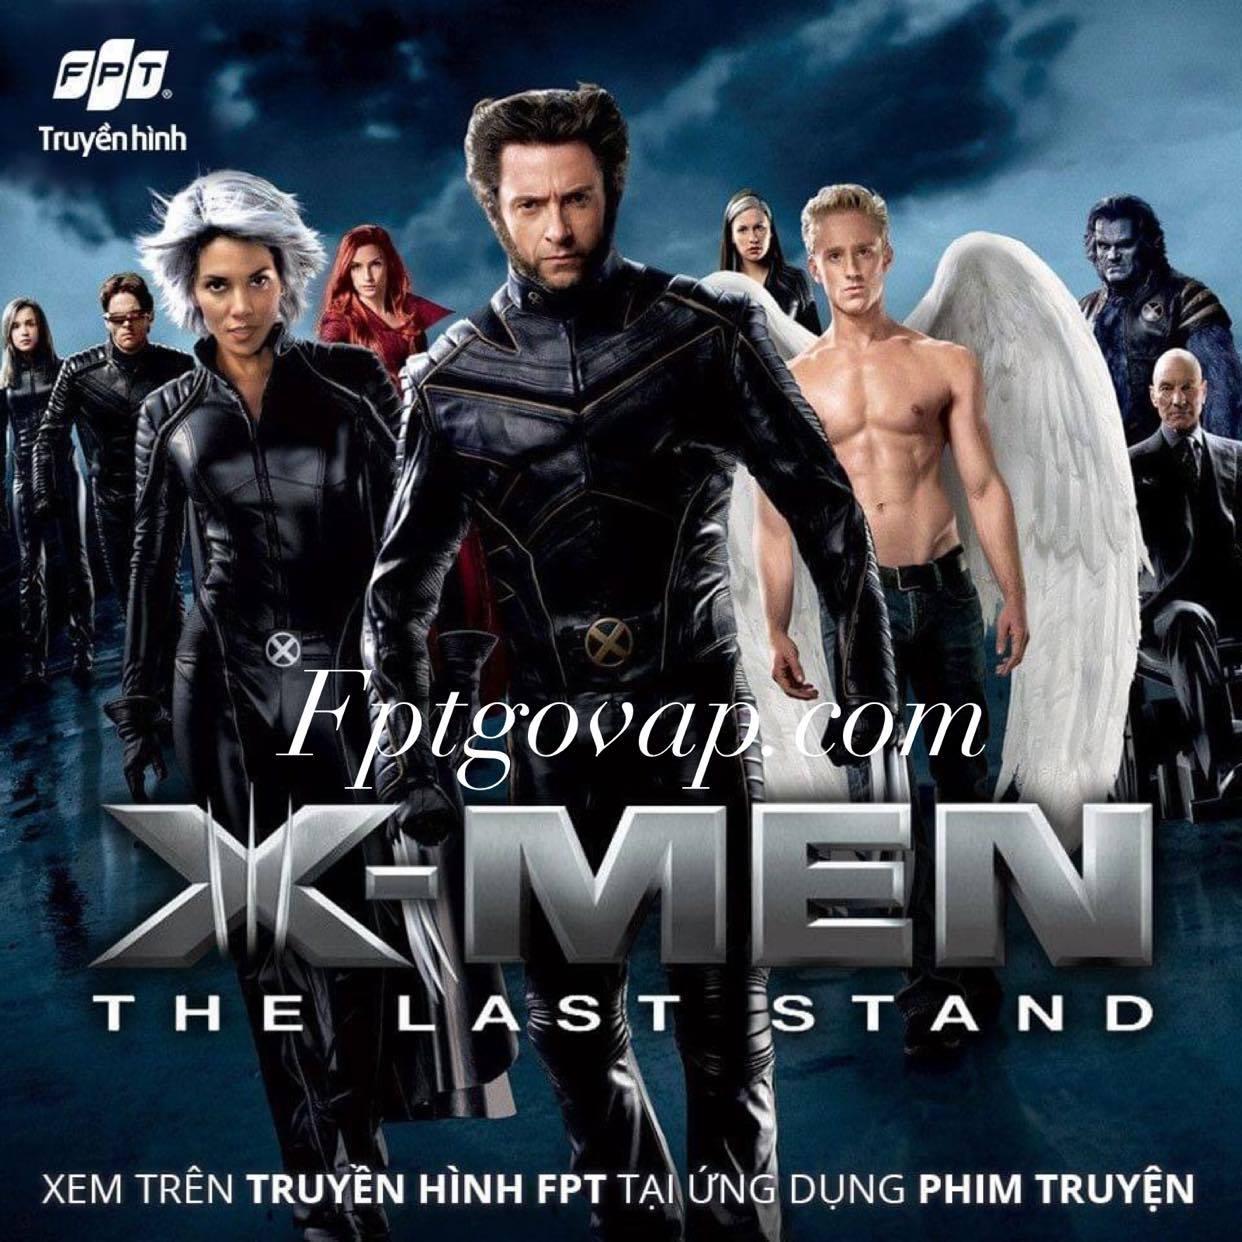 Kho phim đặc sắc của truyền hình FPT Gò Vấp.